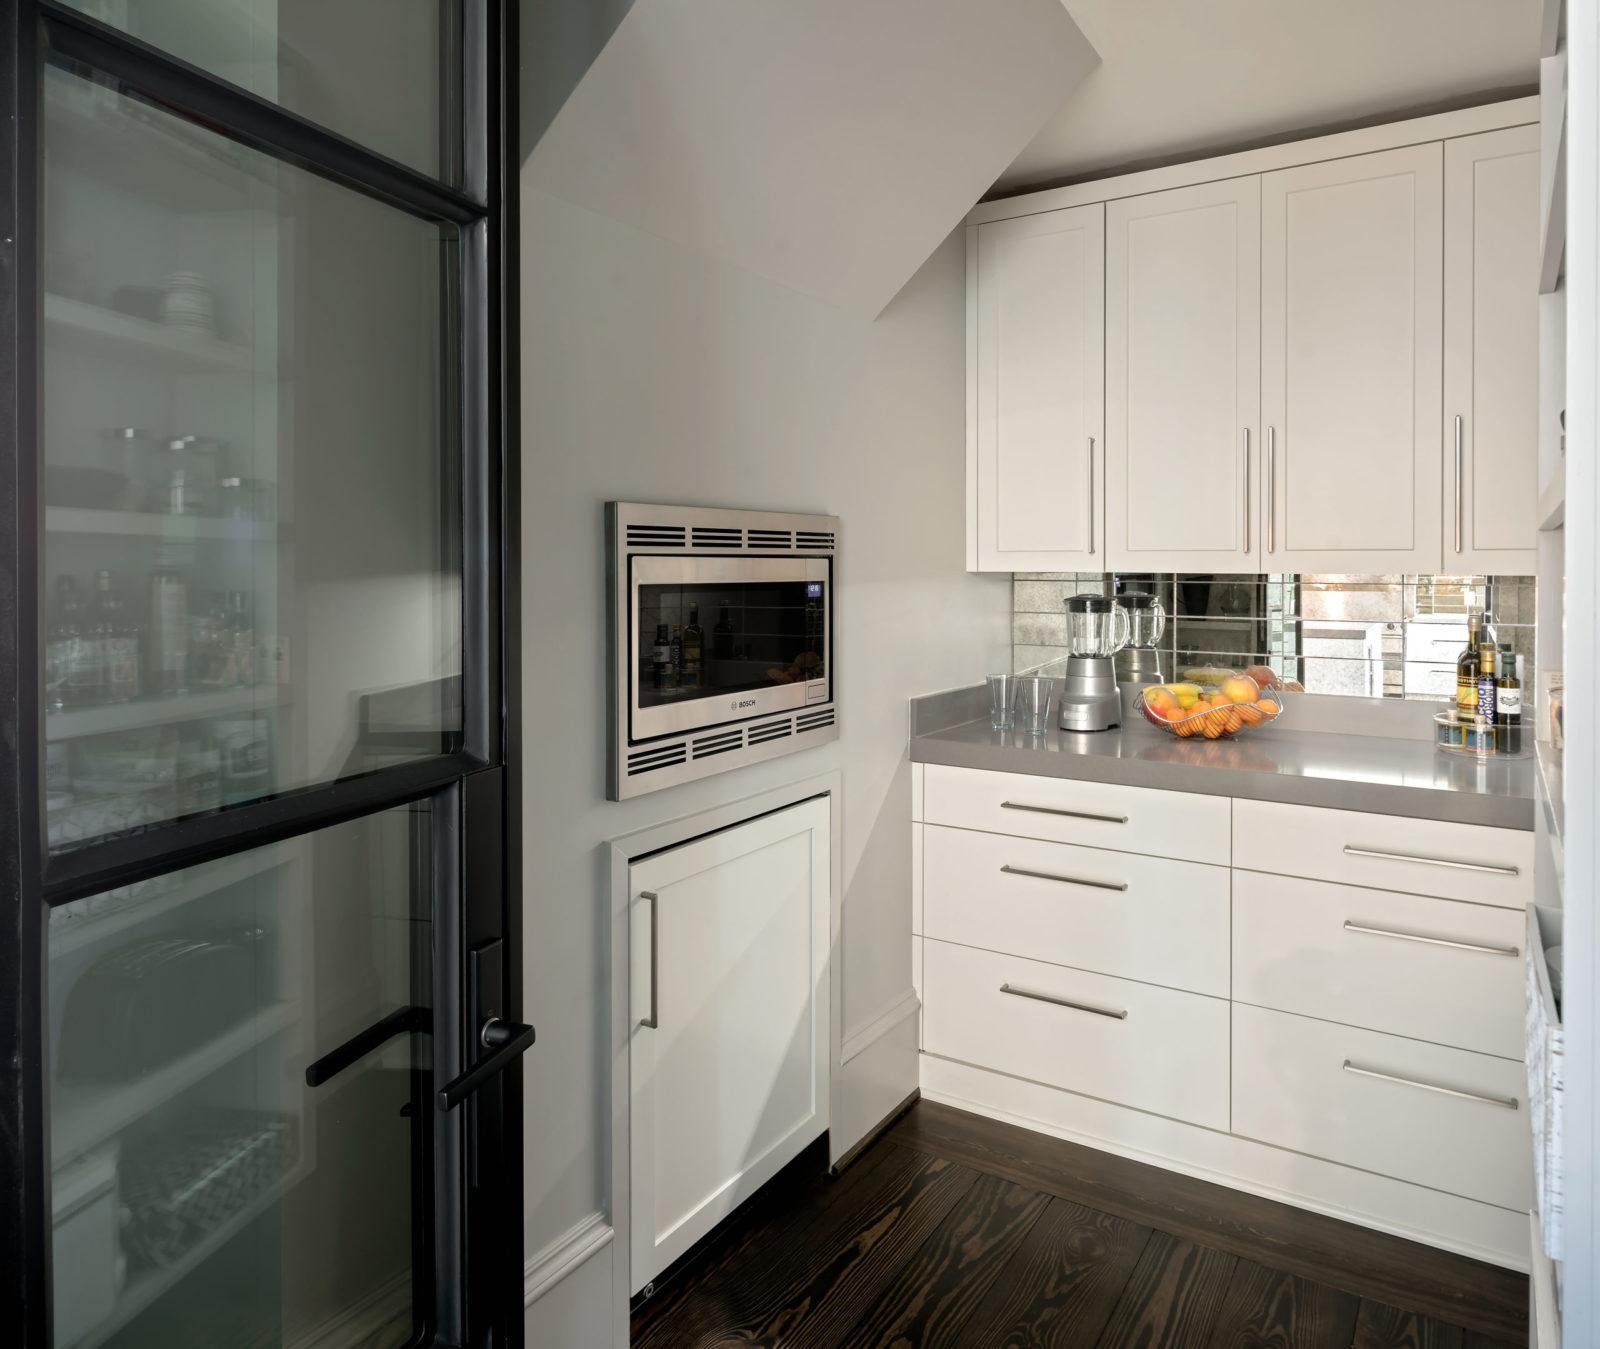 kitchen-storage-hidden-butler-pantry-under-stairs